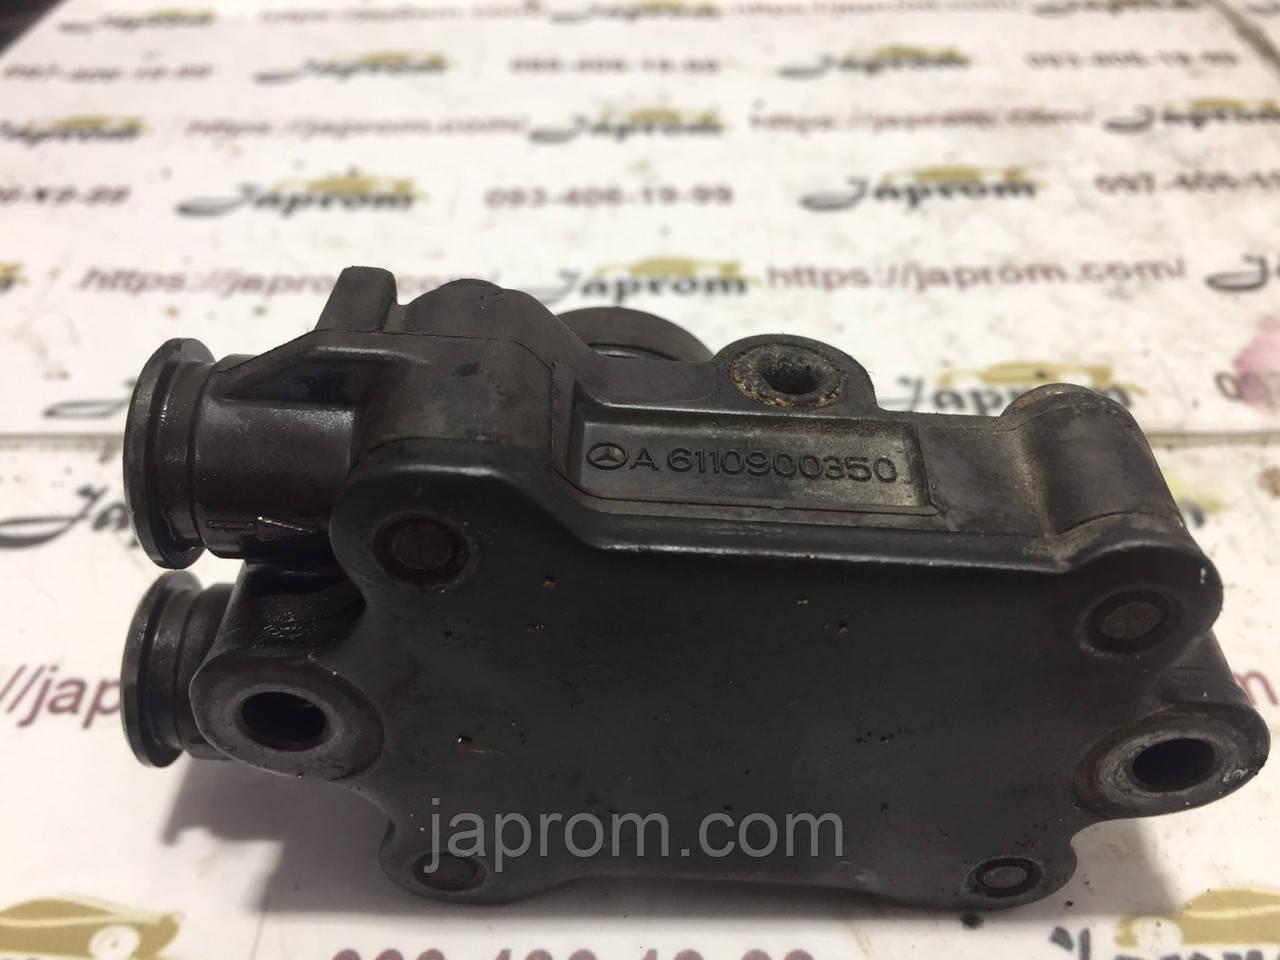 ТННД Насос низкого давления  Bosch Mercedes Sprinter Vito 2,2 2,7 CDI OM611 612